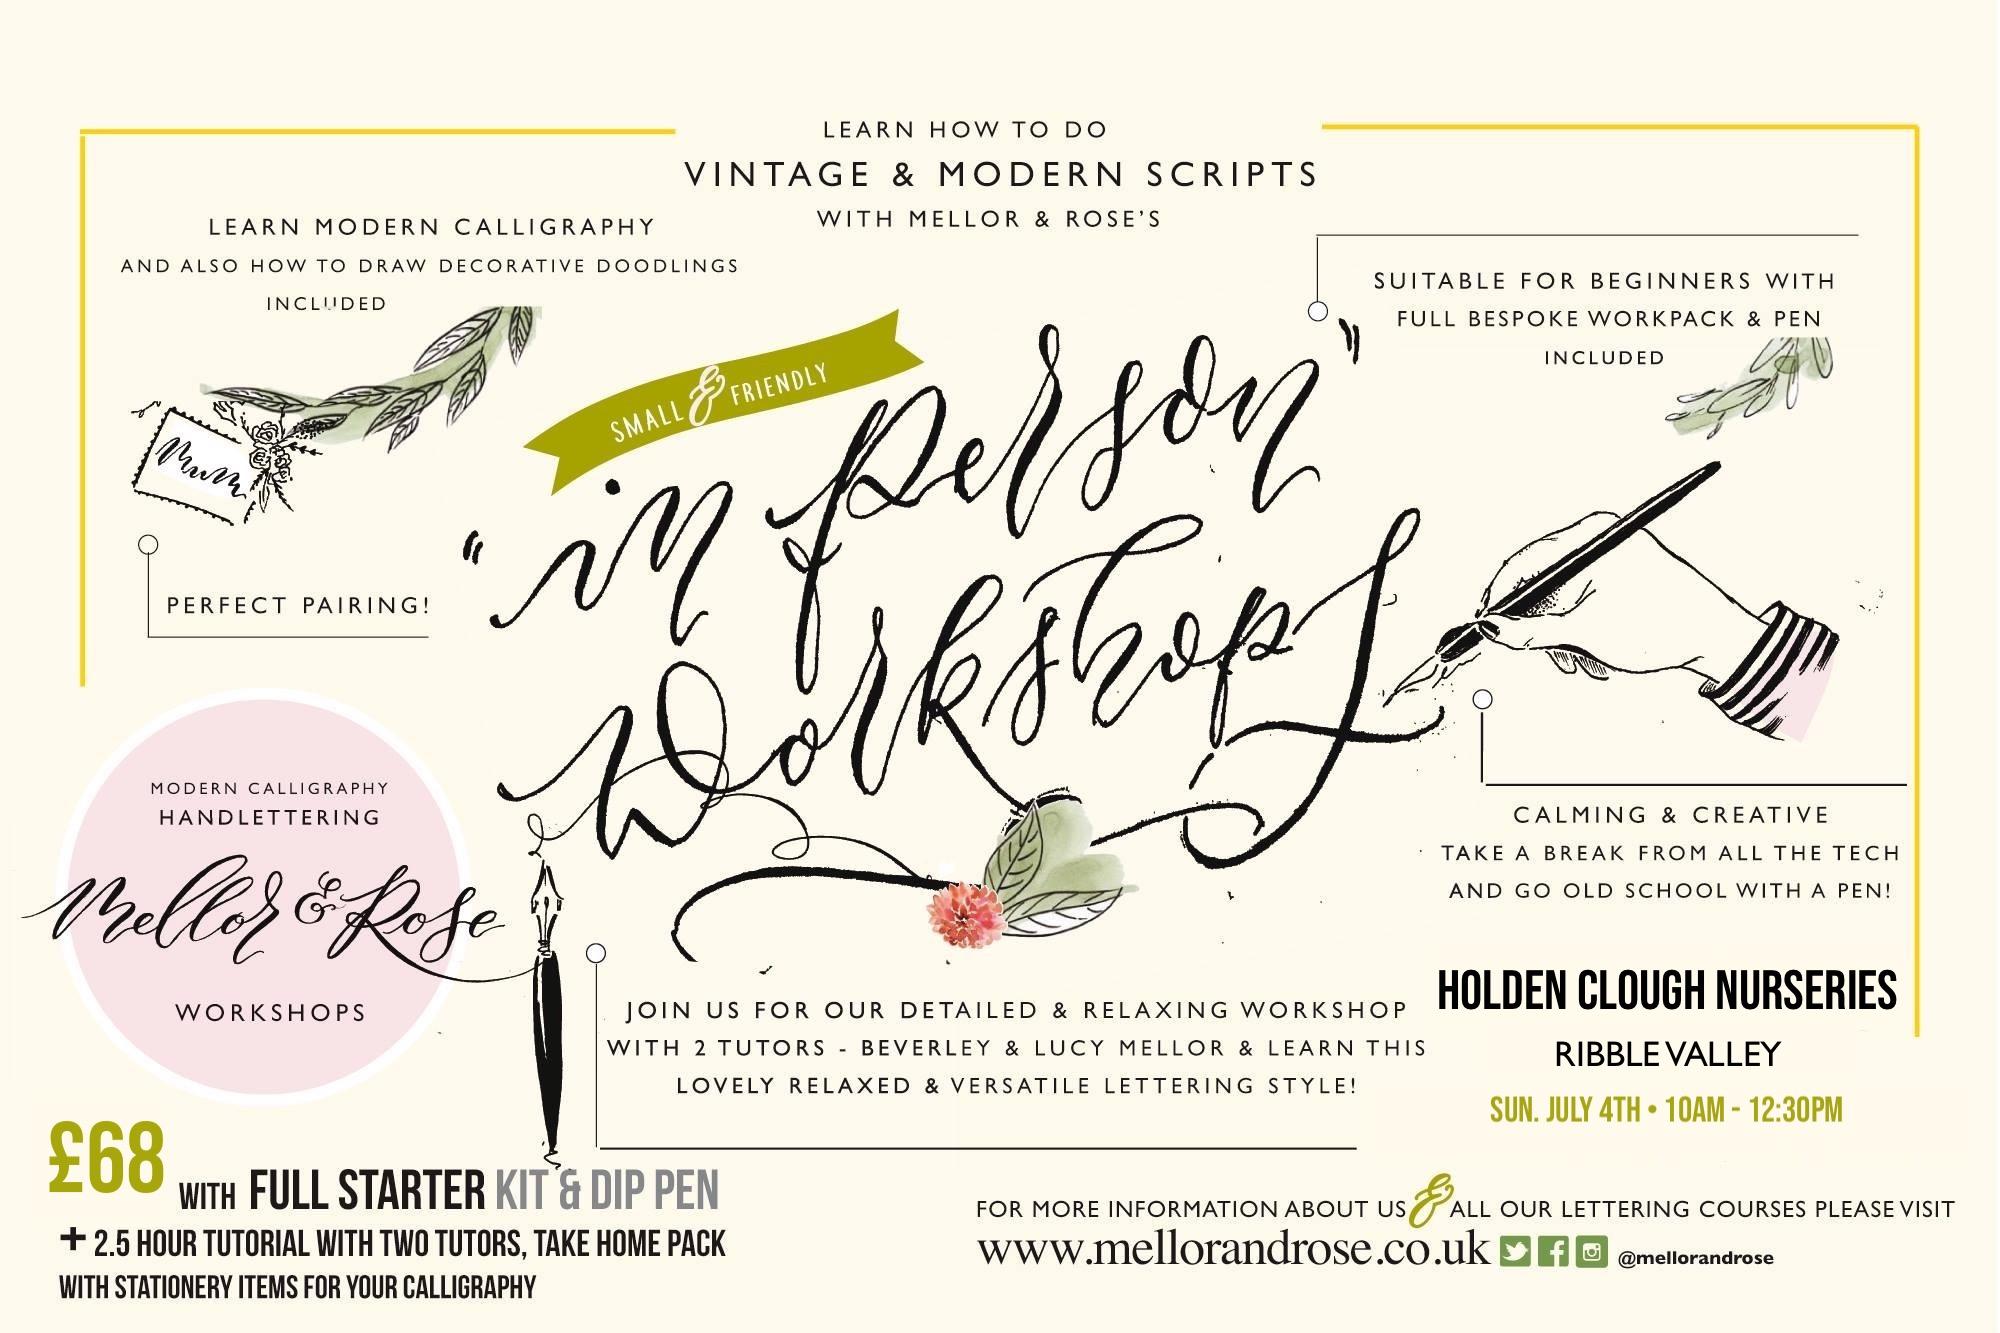 Holden Clough Nurseries - Mellor & Rose Calligraphy Workshop